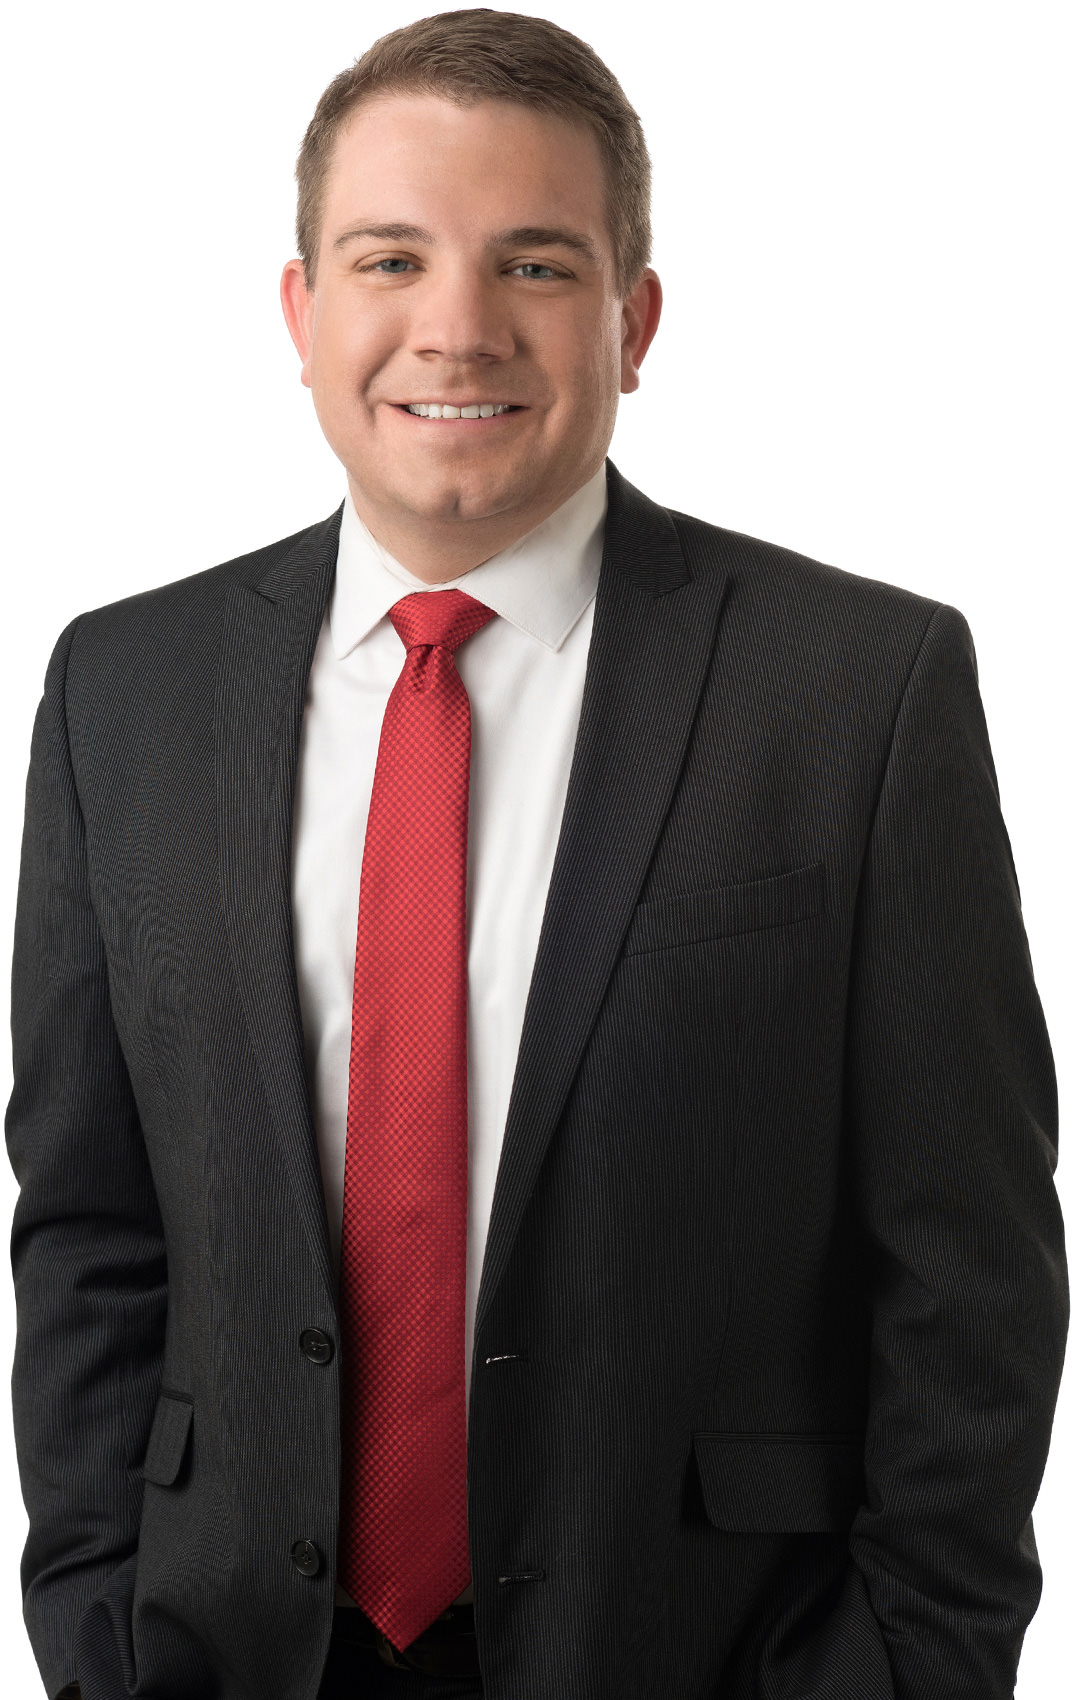 Bradley D. Barringer